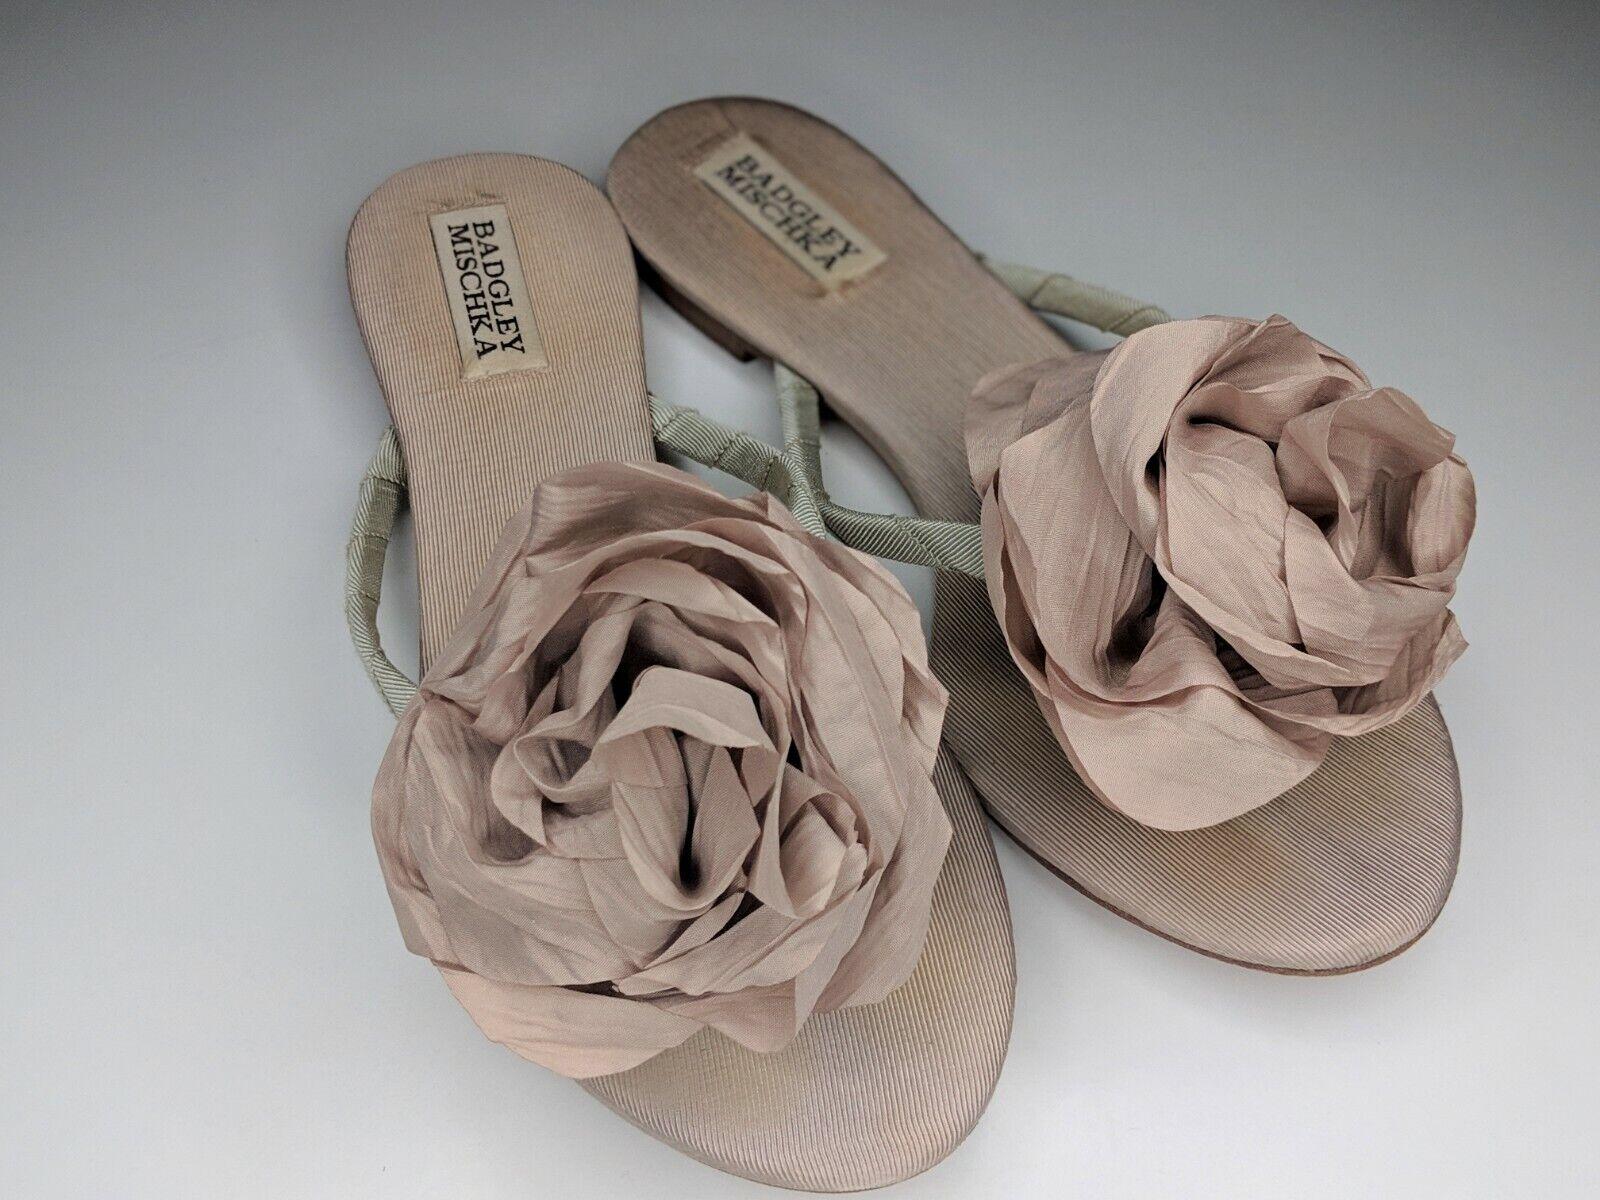 Badgley Mischka 'Isabel' rosatte Sandal, Sandal, Sandal, Beige, donna Dimensione 7,5 M bc84d6